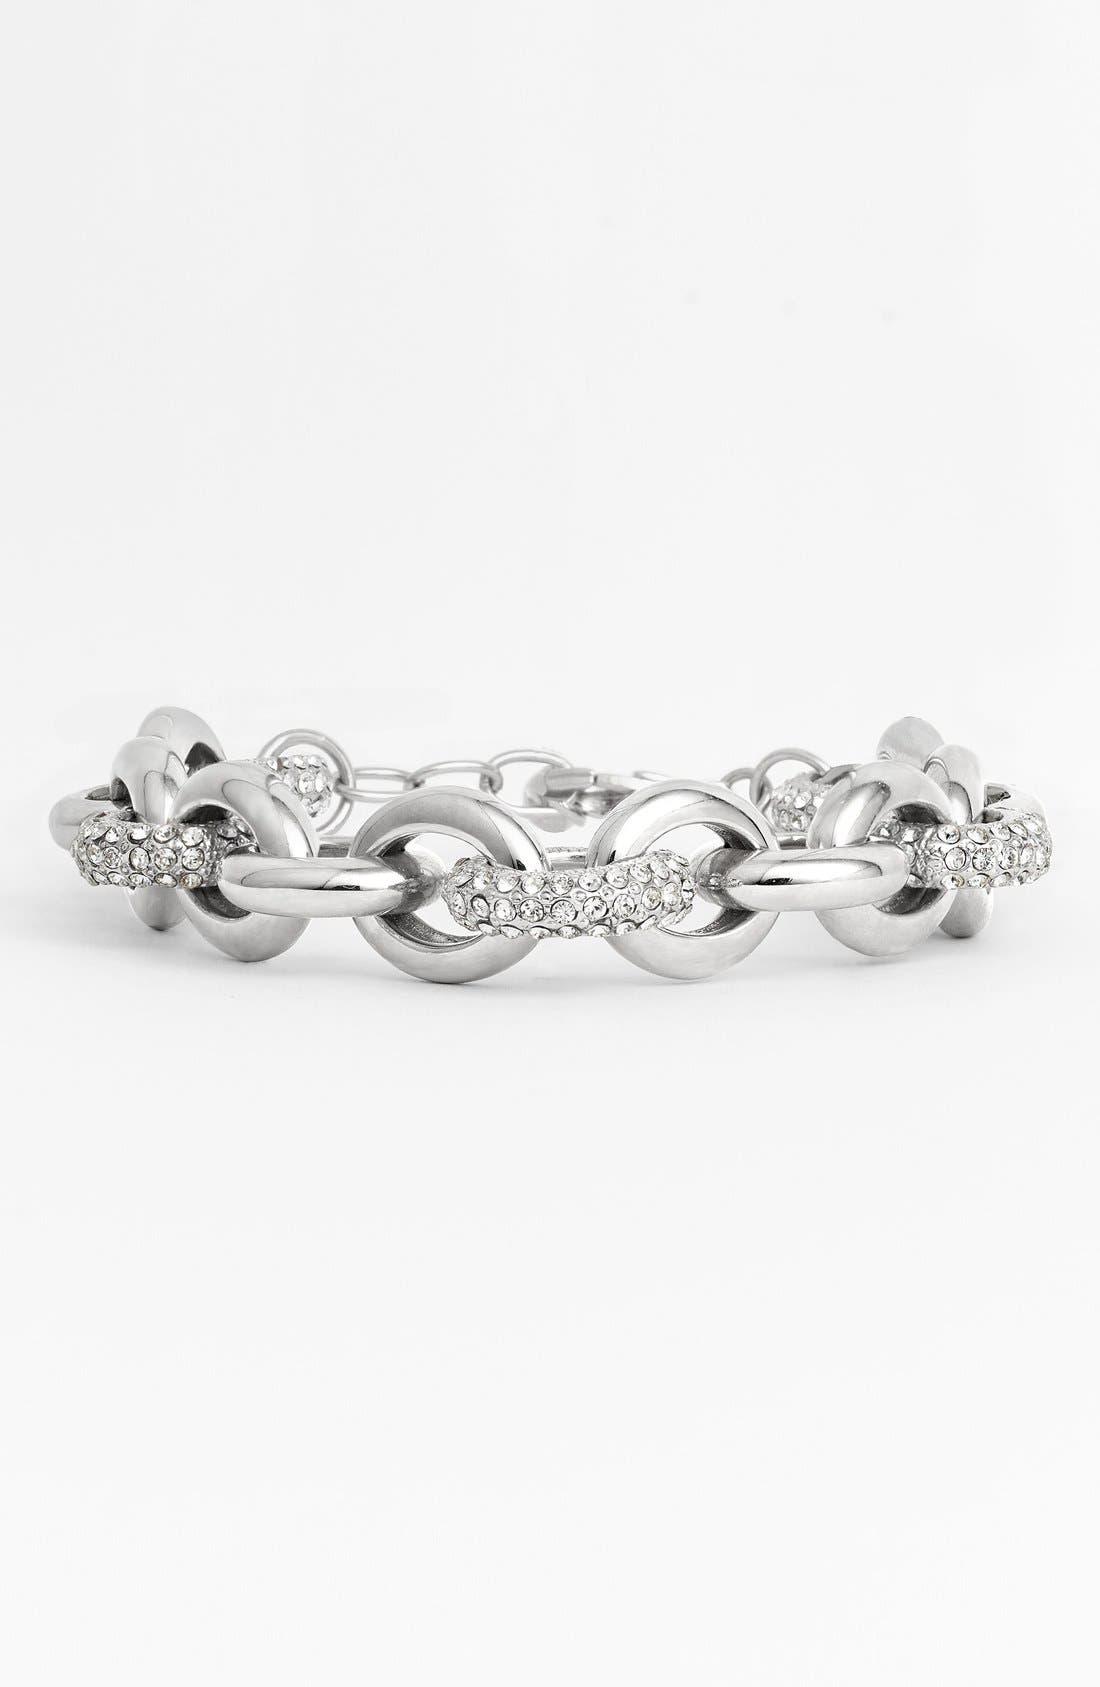 Main Image - Nordstrom Link Bracelet